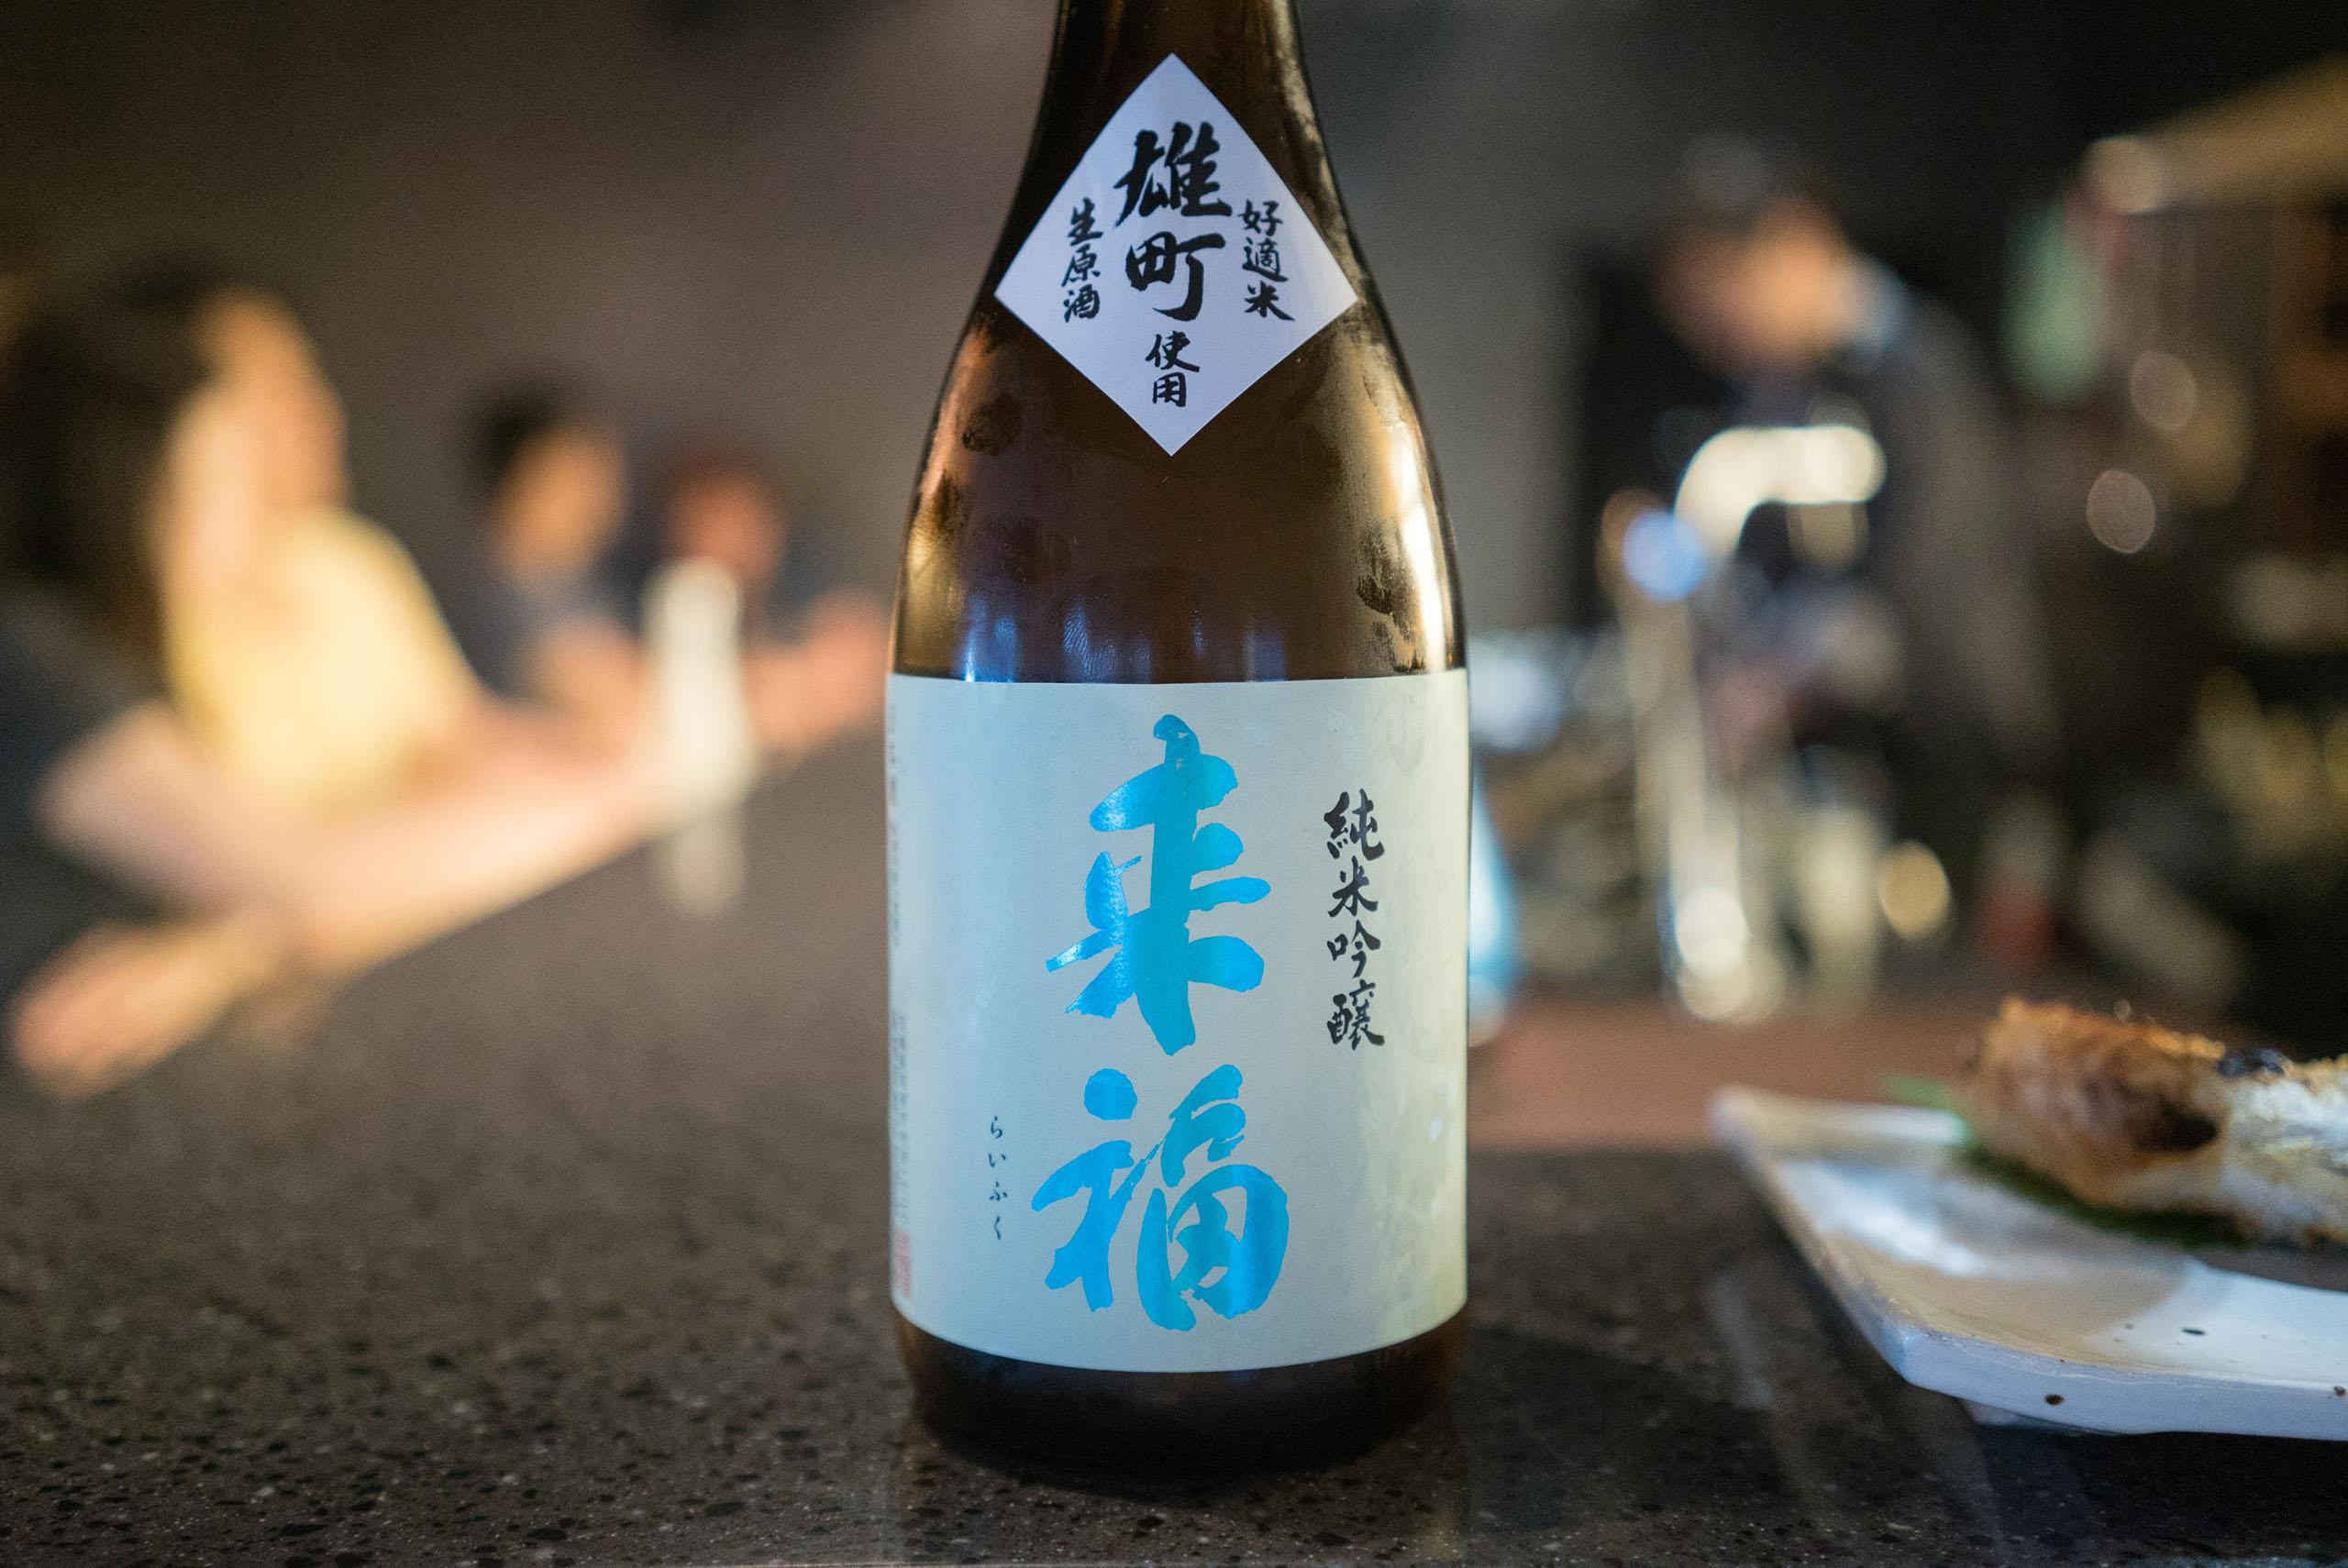 라이후쿠 쥰마이긴죠 오마치 나마겐슈